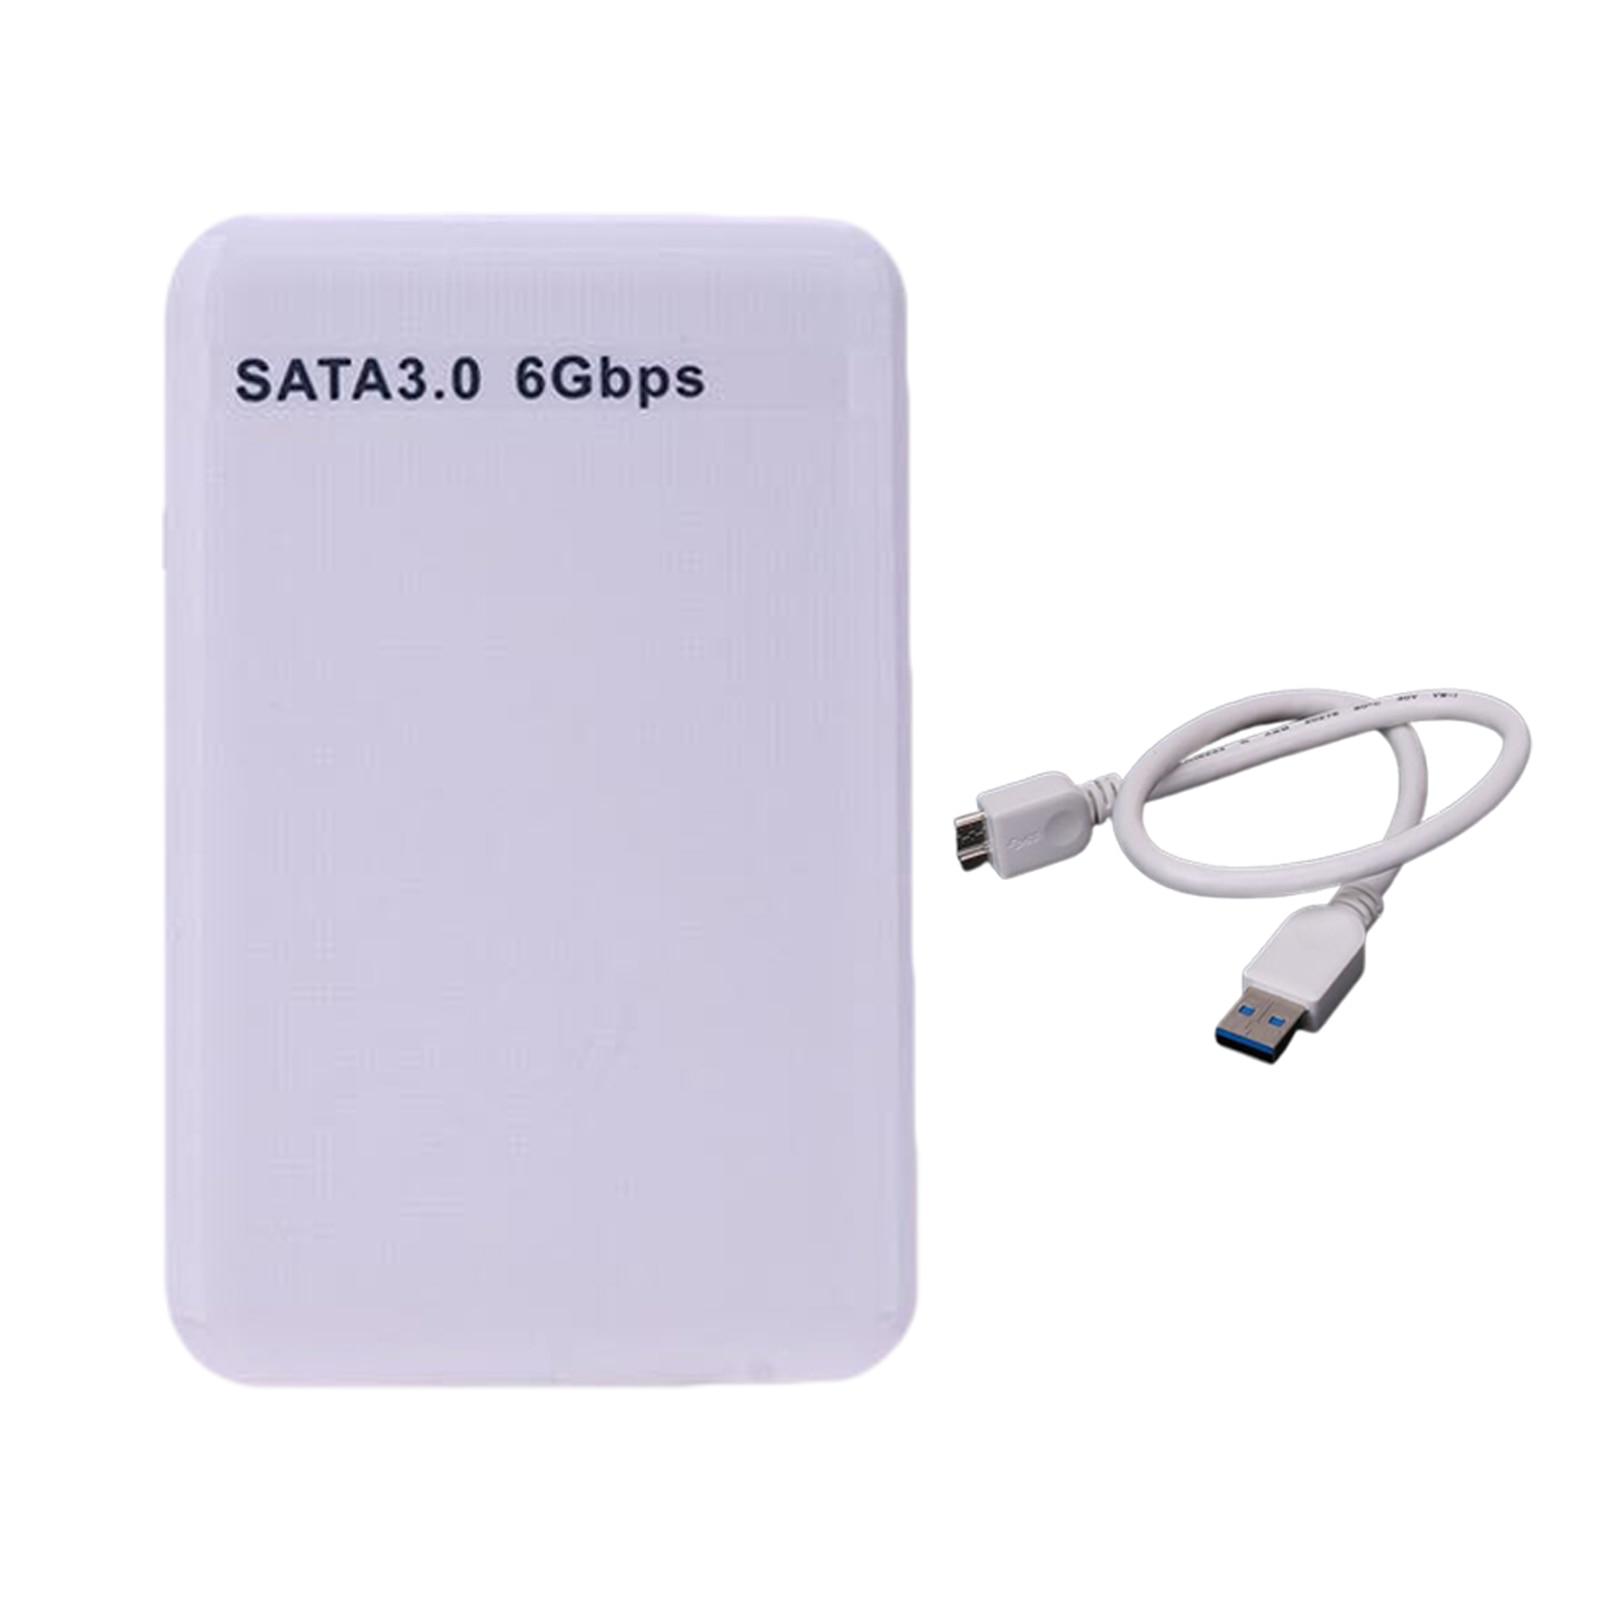 محمول 1 تيرا بايت قرص صلب خارجي 500 جيجابايت/2 تيرا بايت قرص صلب لعبة محرك USB 3.0 HDD Ext Hardrive متوافق ل PC ل ماك محمول ل